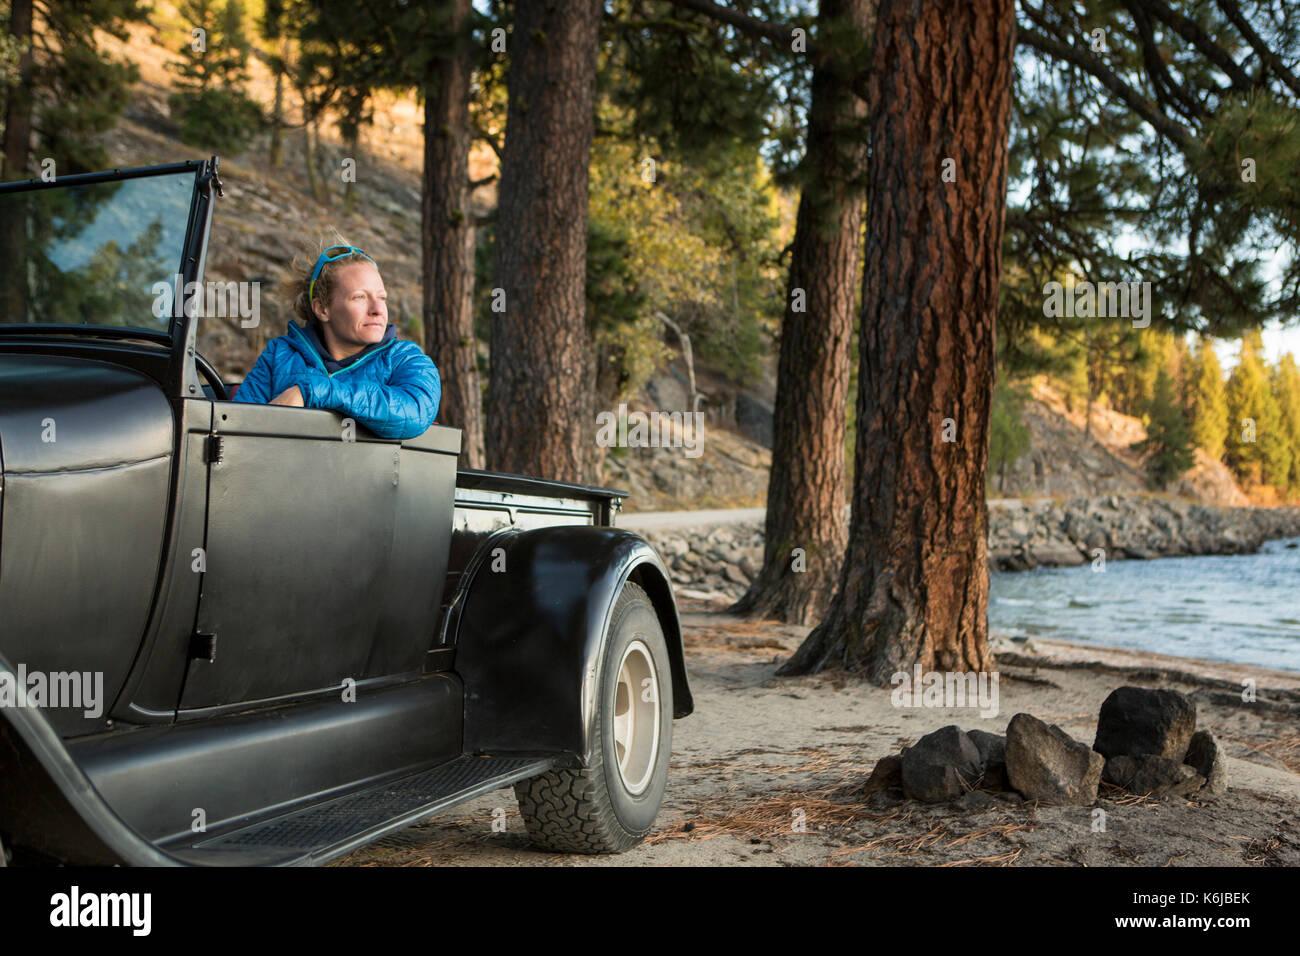 Femme assise en regardant le coucher du soleil, camion rénové Lac Payette, McCall, New York, USA Banque D'Images